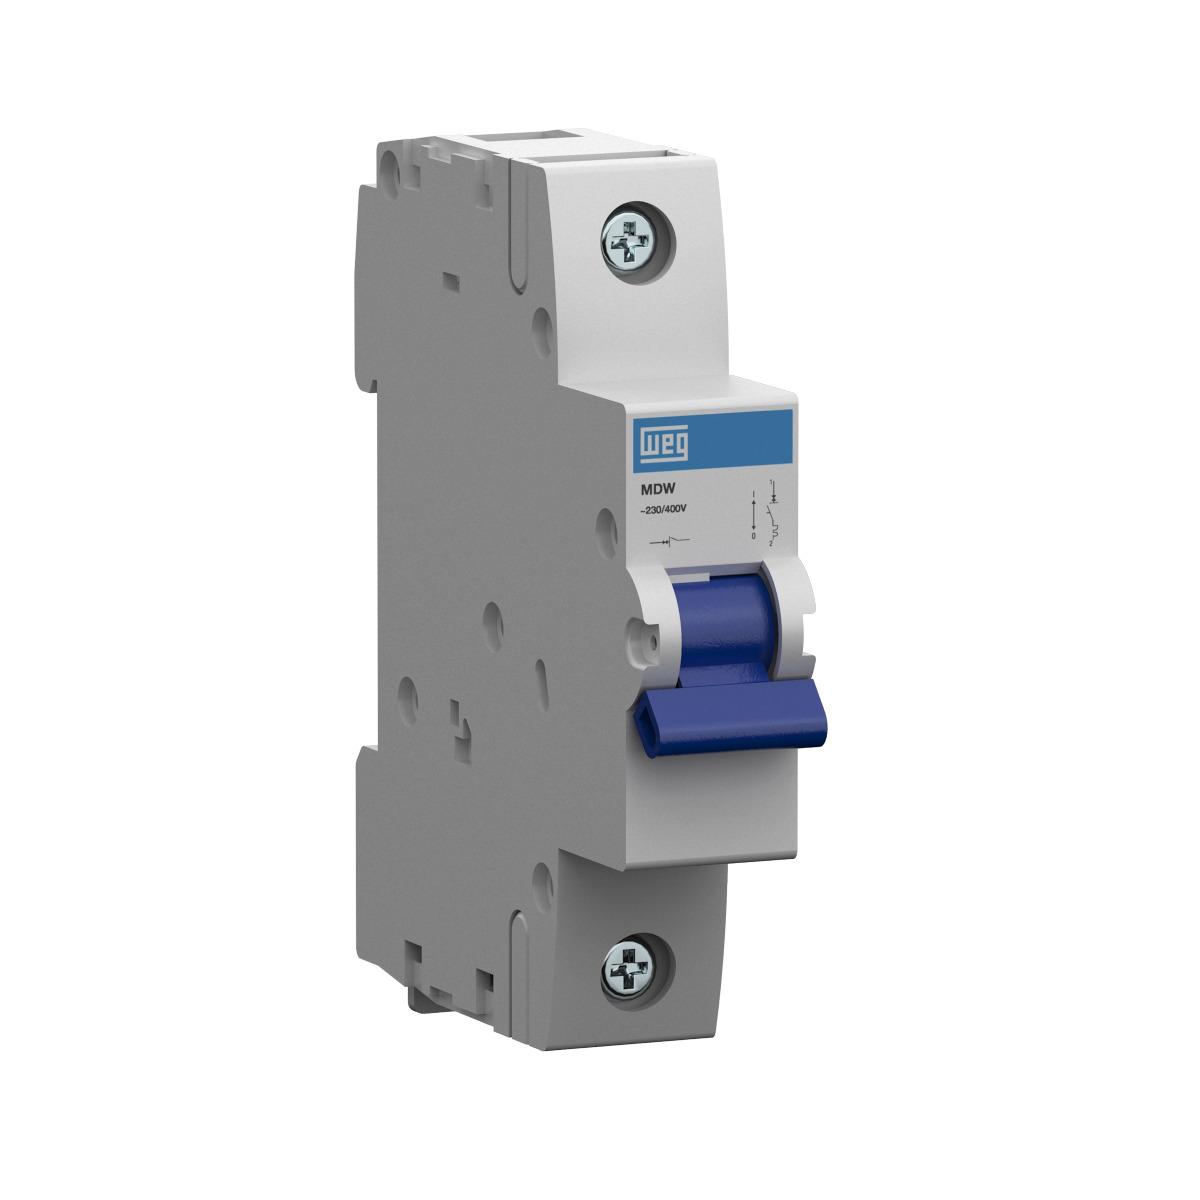 Minidisjuntor Termomagnético Weg Mdw-C10